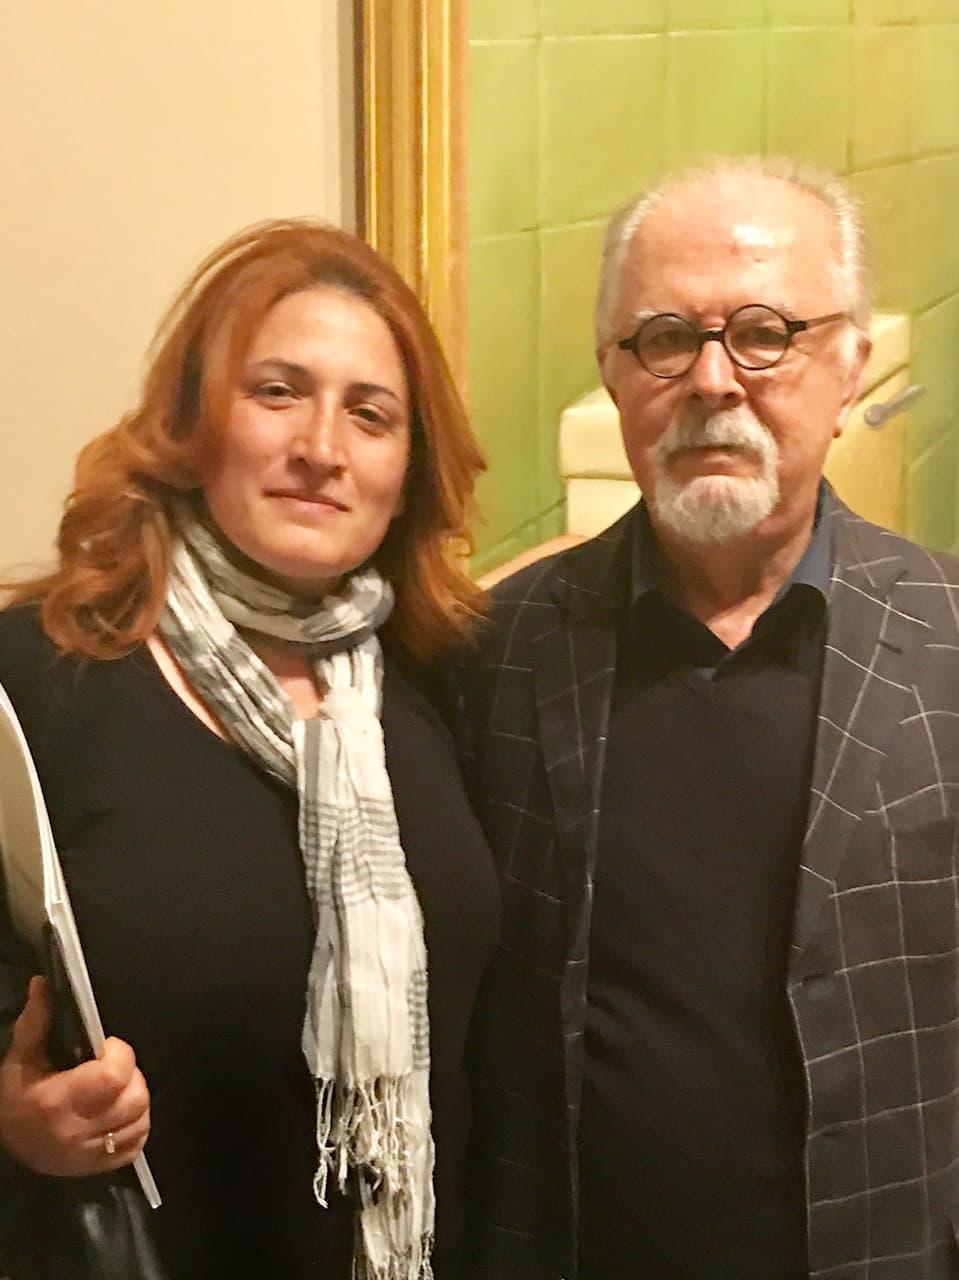 La nostra inviata Camilla Di Biagio posa con l'artista Fernando Botero.